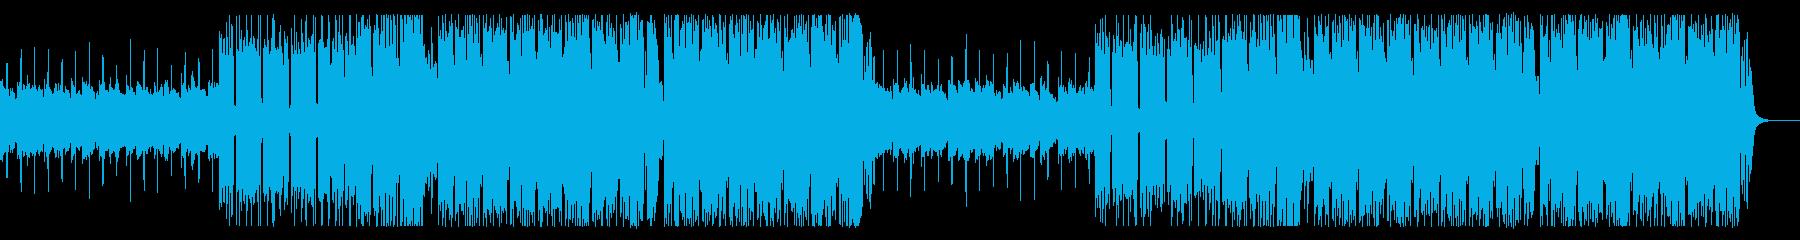 爽快・クール・Future Bassの再生済みの波形